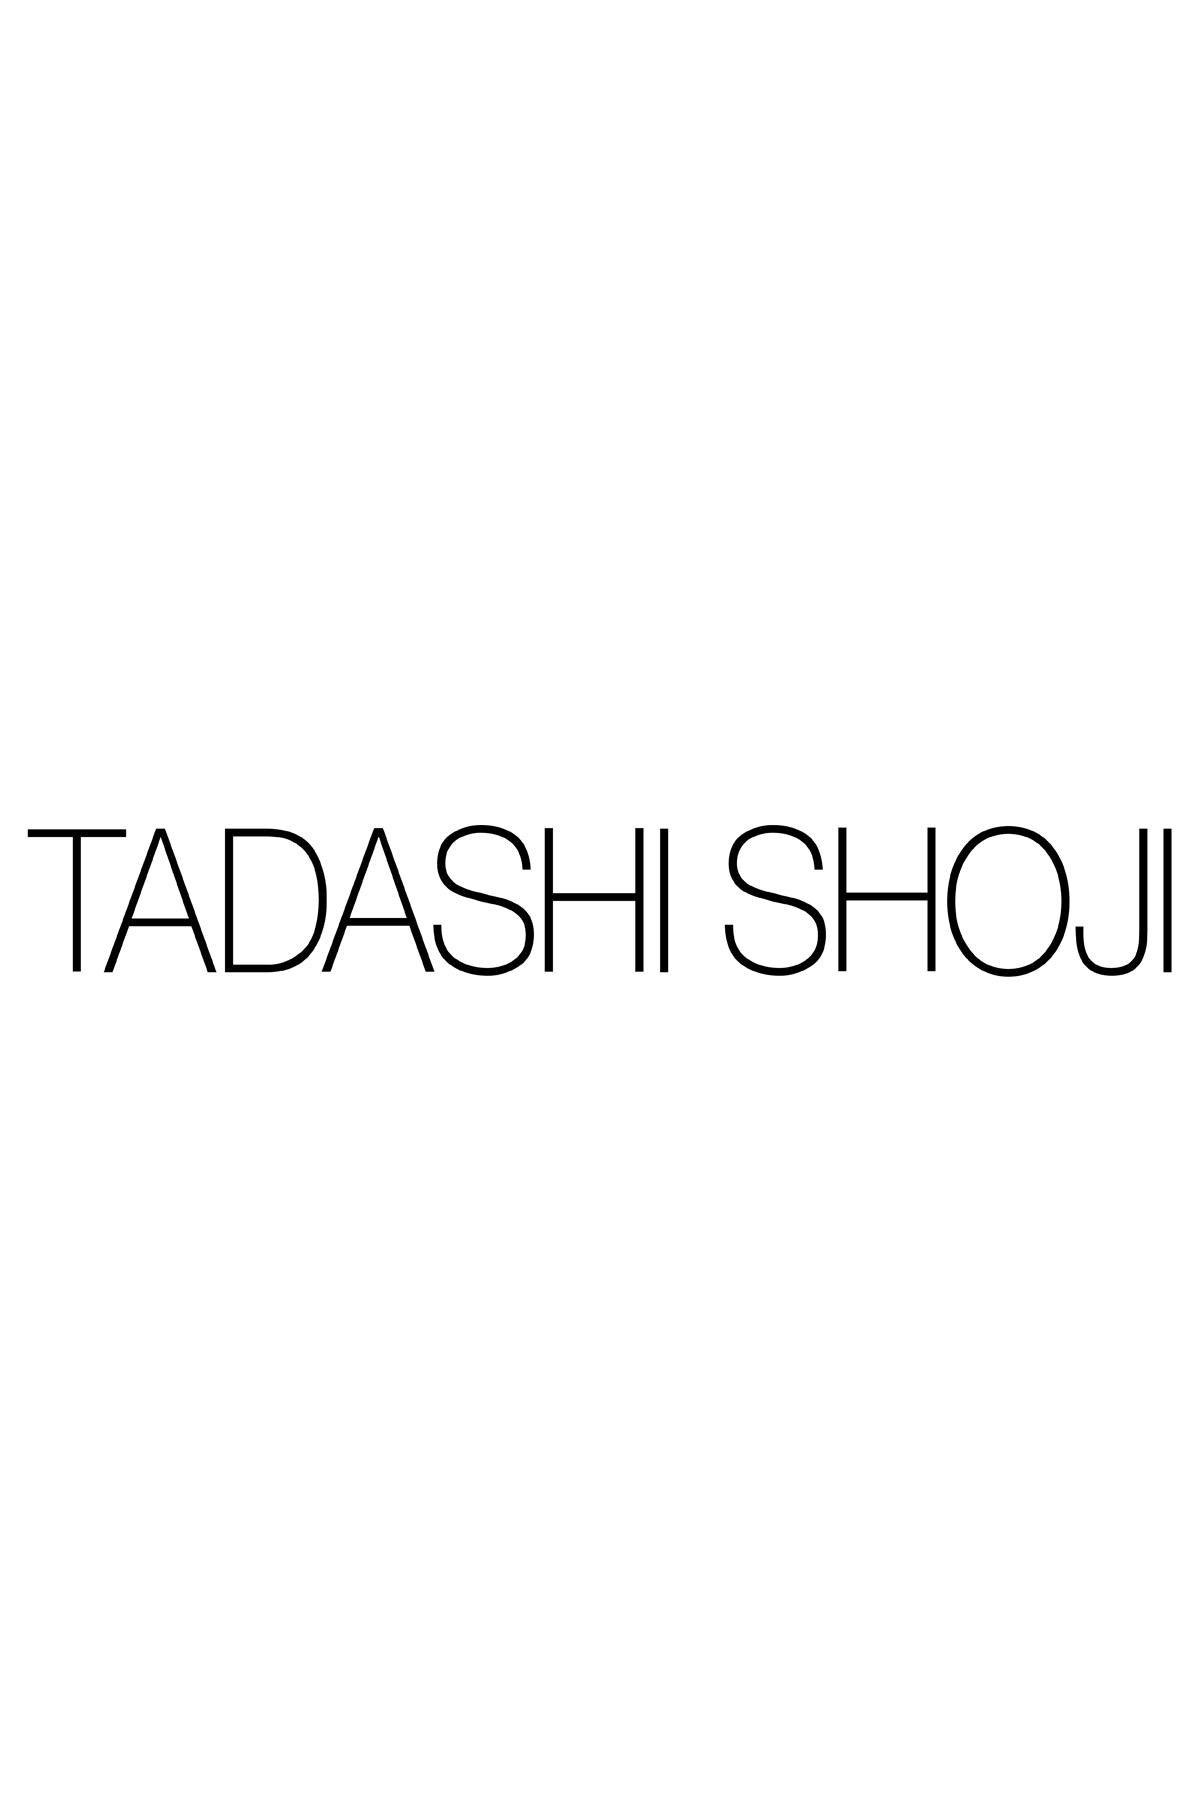 Tadashi Shoji - Lupine Floral Applique Dress